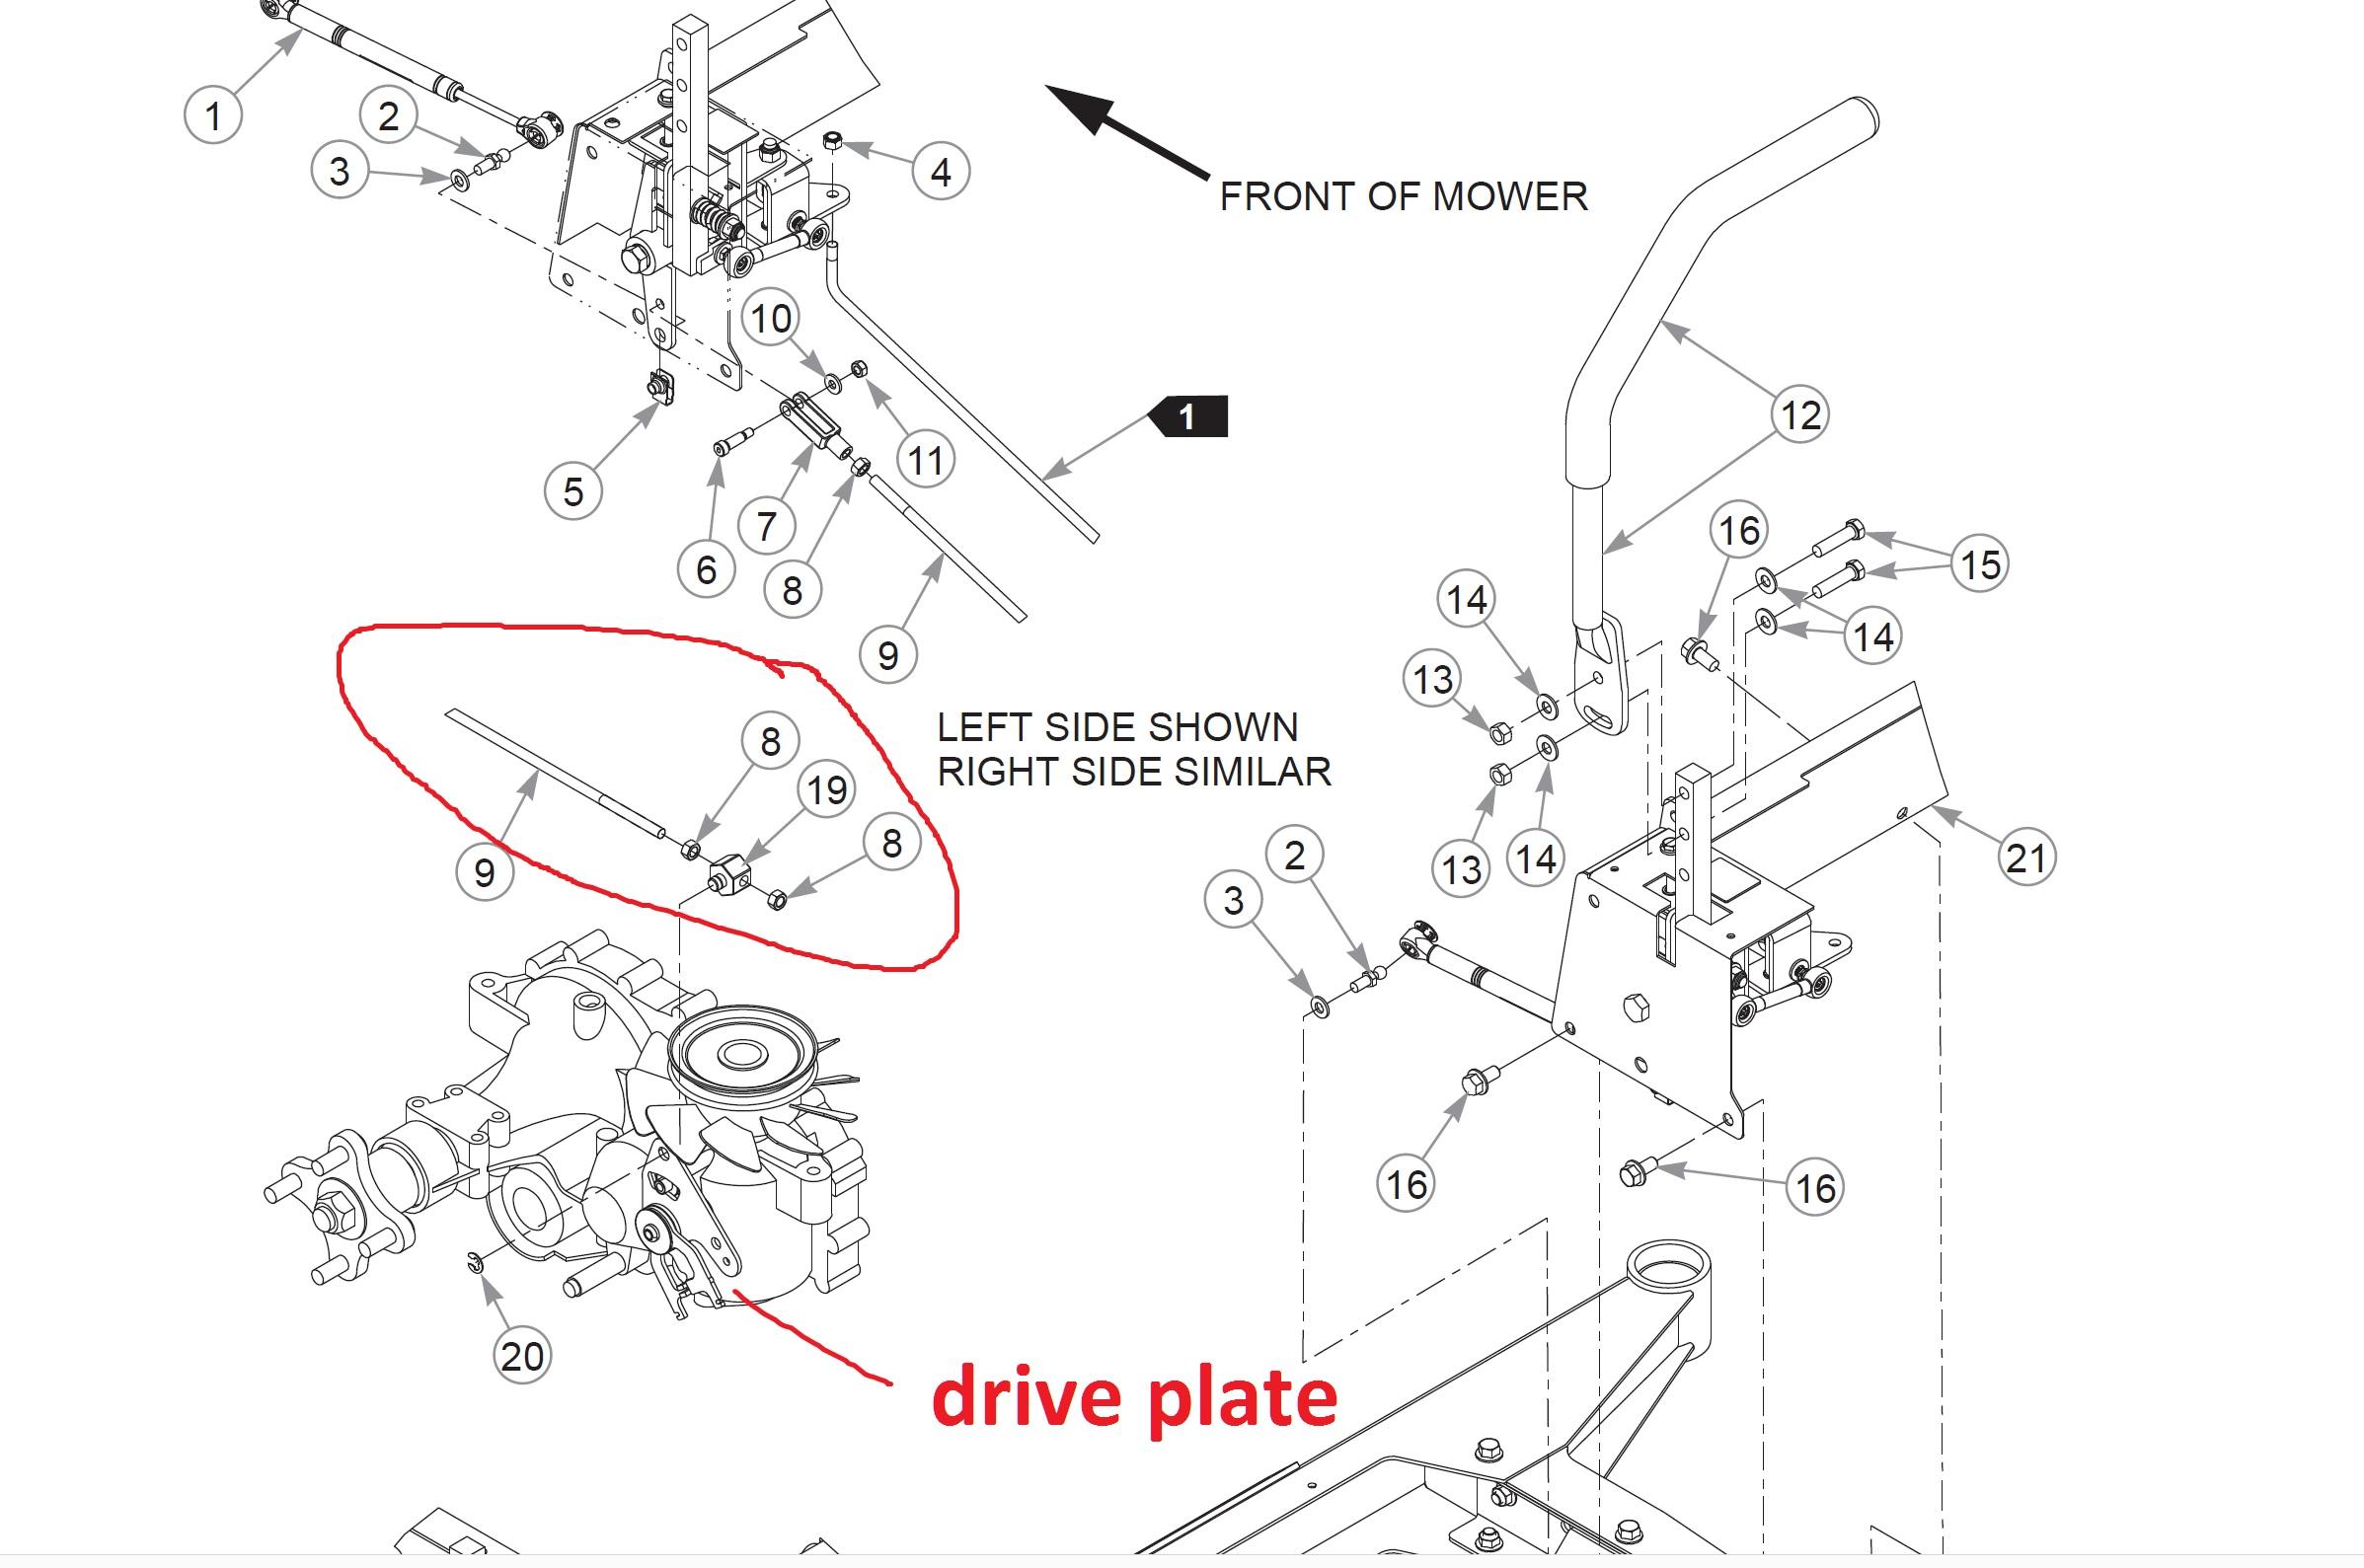 33 Raptor Sd Drive Belt Diagram Manual Guide